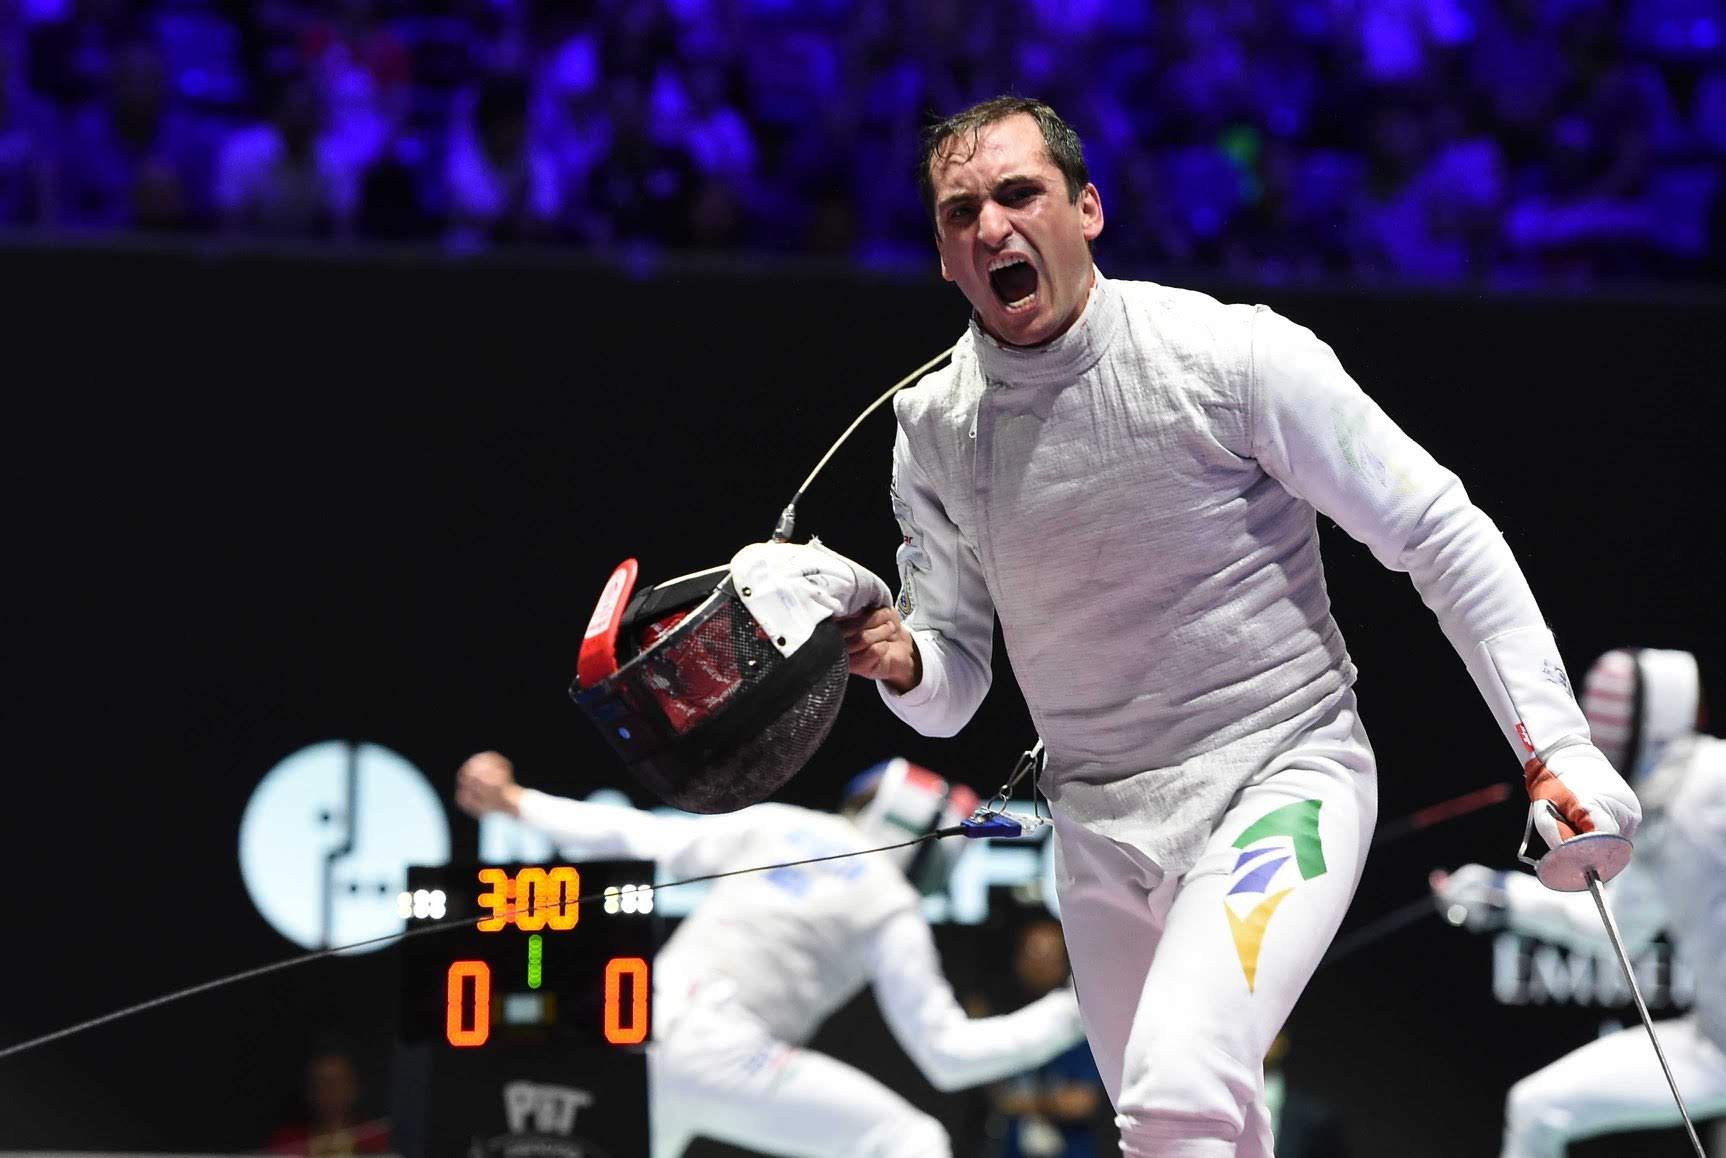 Iniciando um novo ciclo, Guilherme Toldo disputa a primeira competição internacional depois dos Jogos Olímpicos